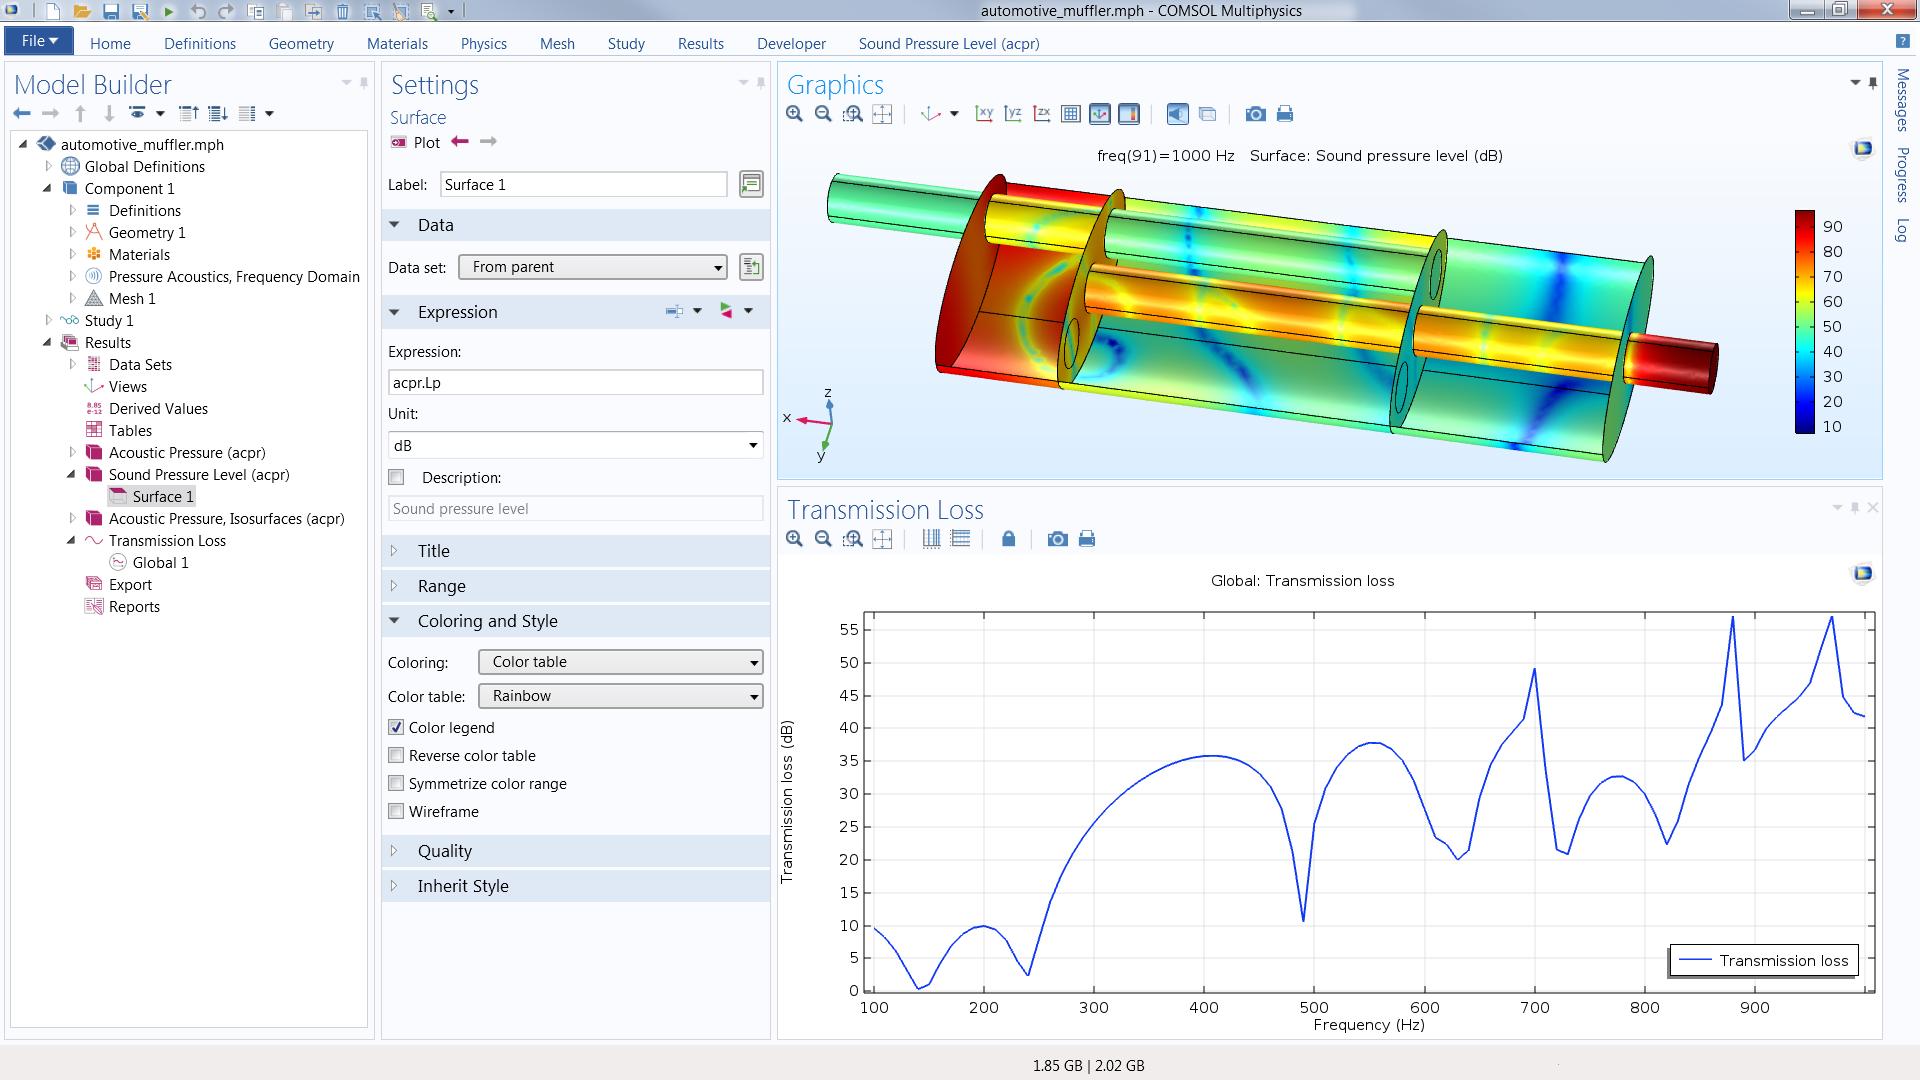 COMSOL Multiphysics® Software - Verstehen, Vorhersagen und Optimieren